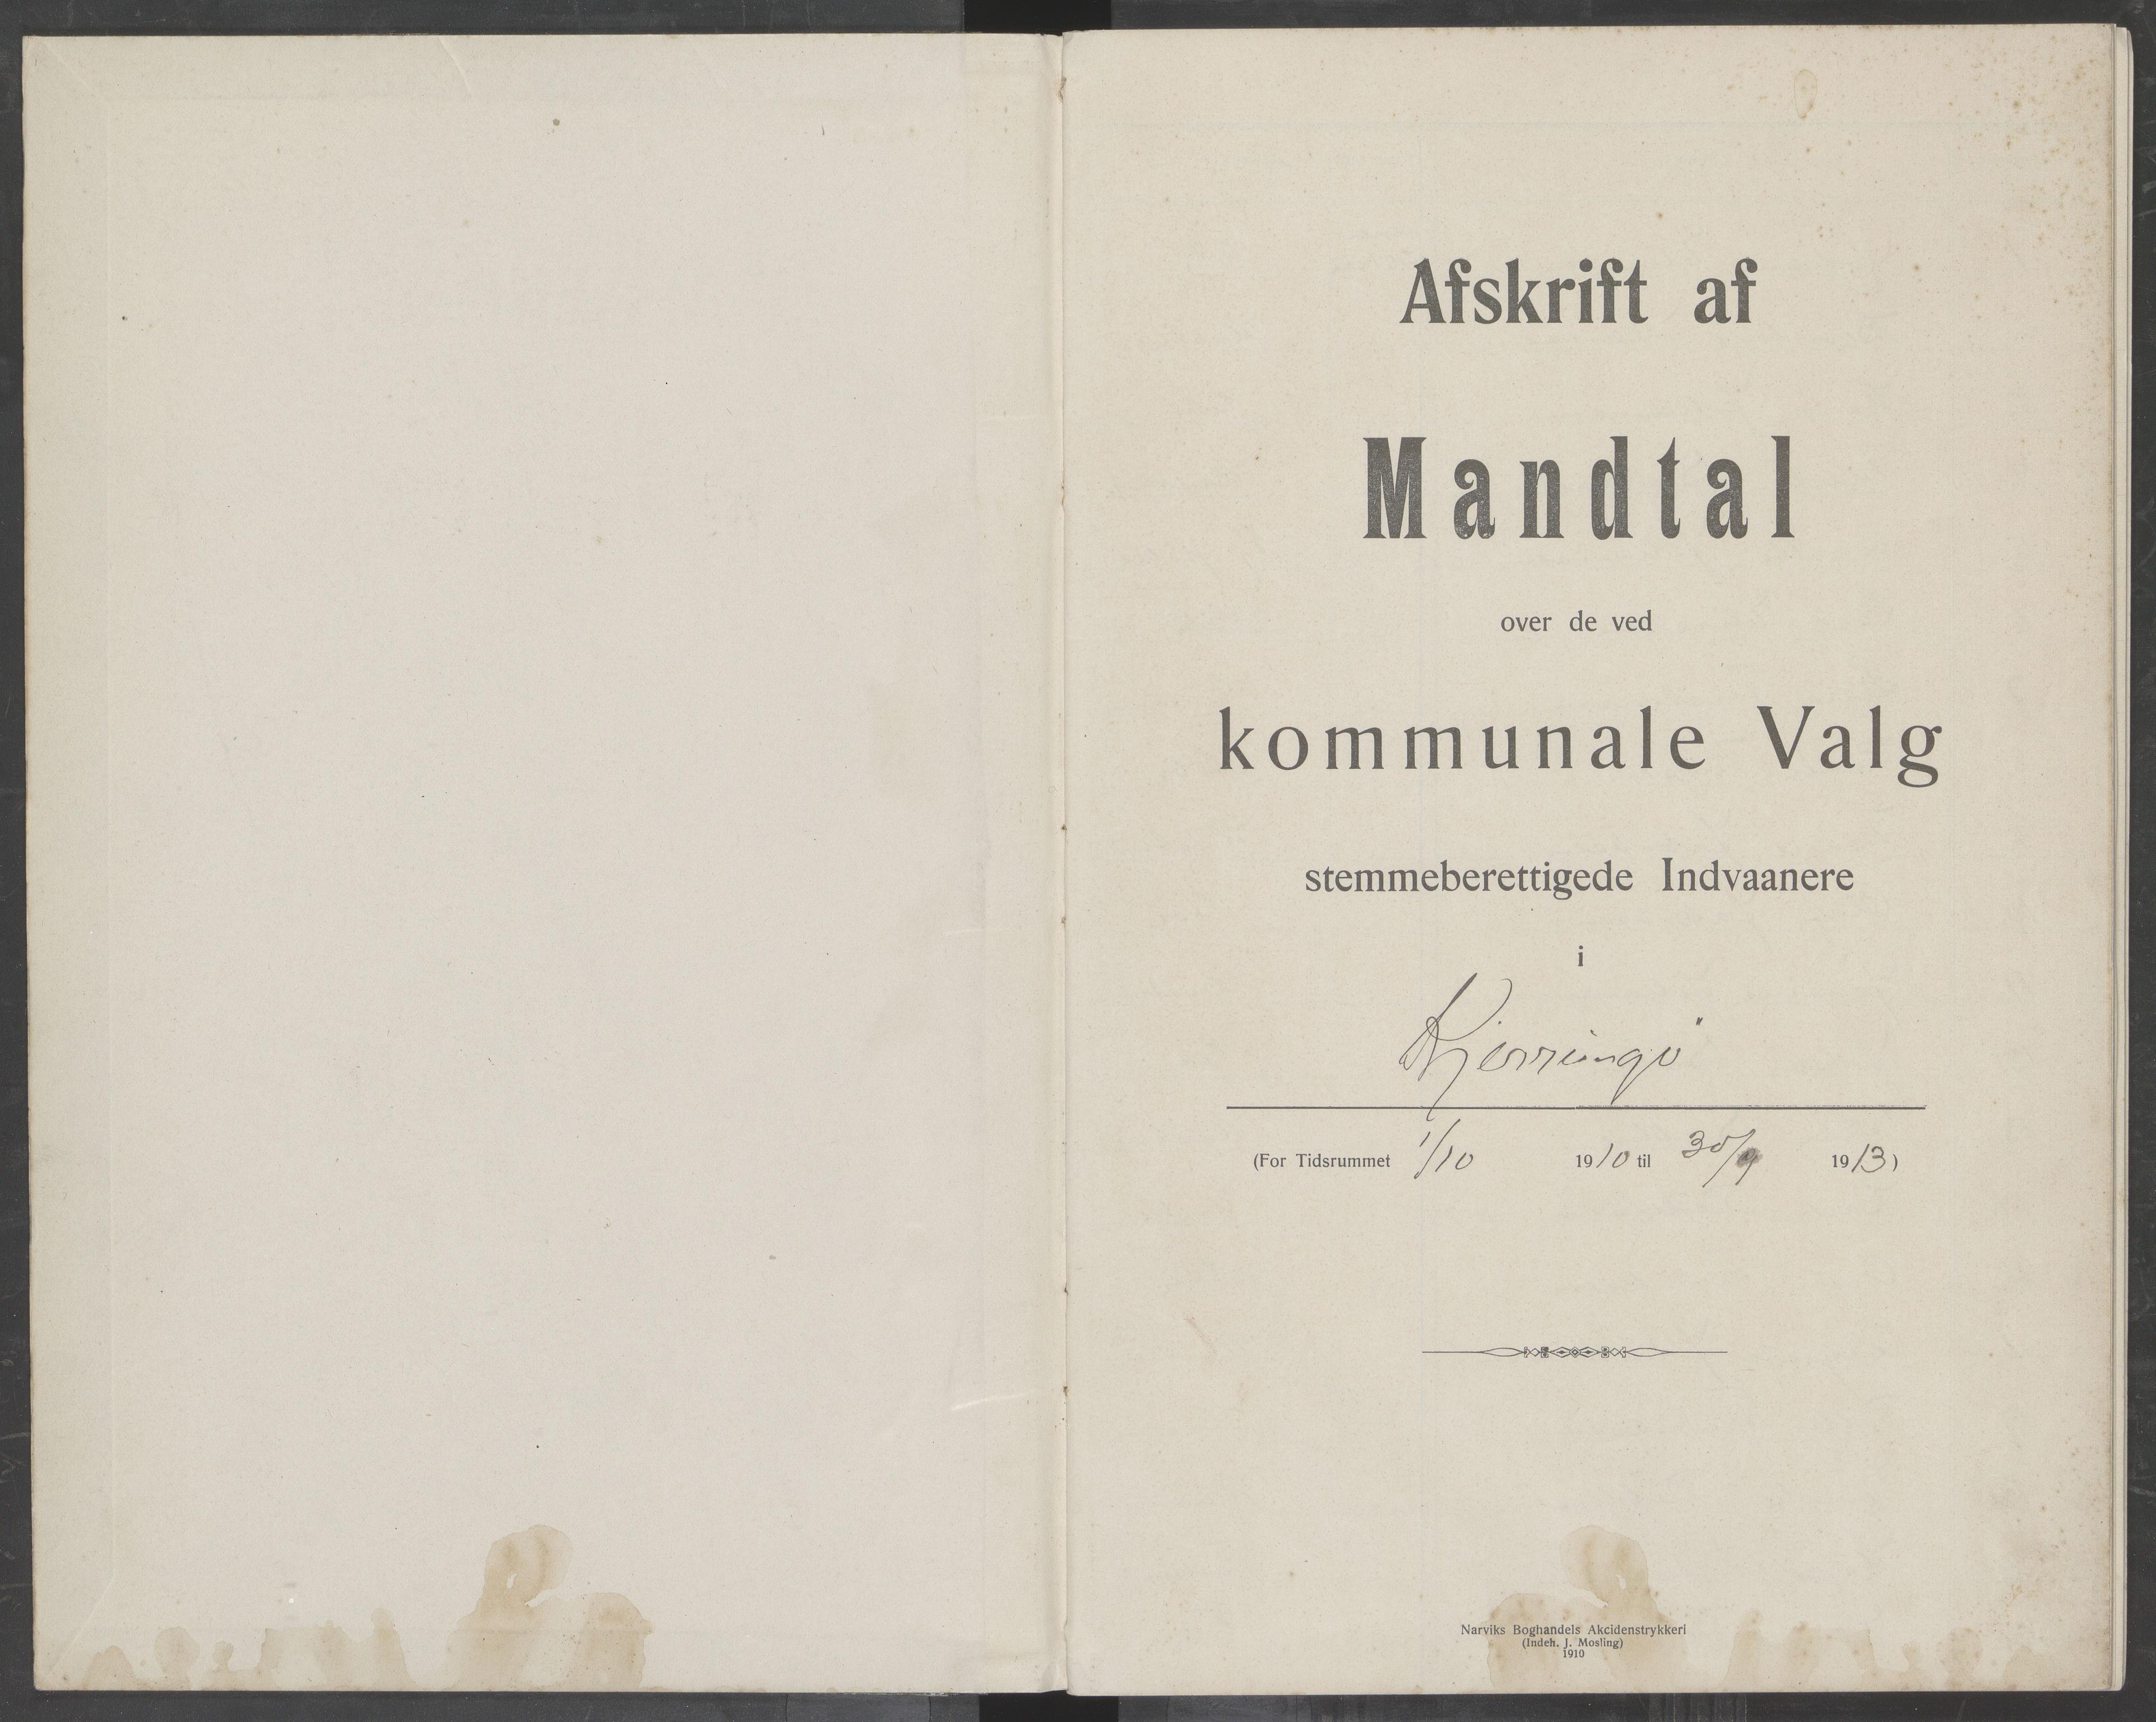 AIN, Kjerringøy kommune valgmanntall 1910 - 1913, 1910-1913